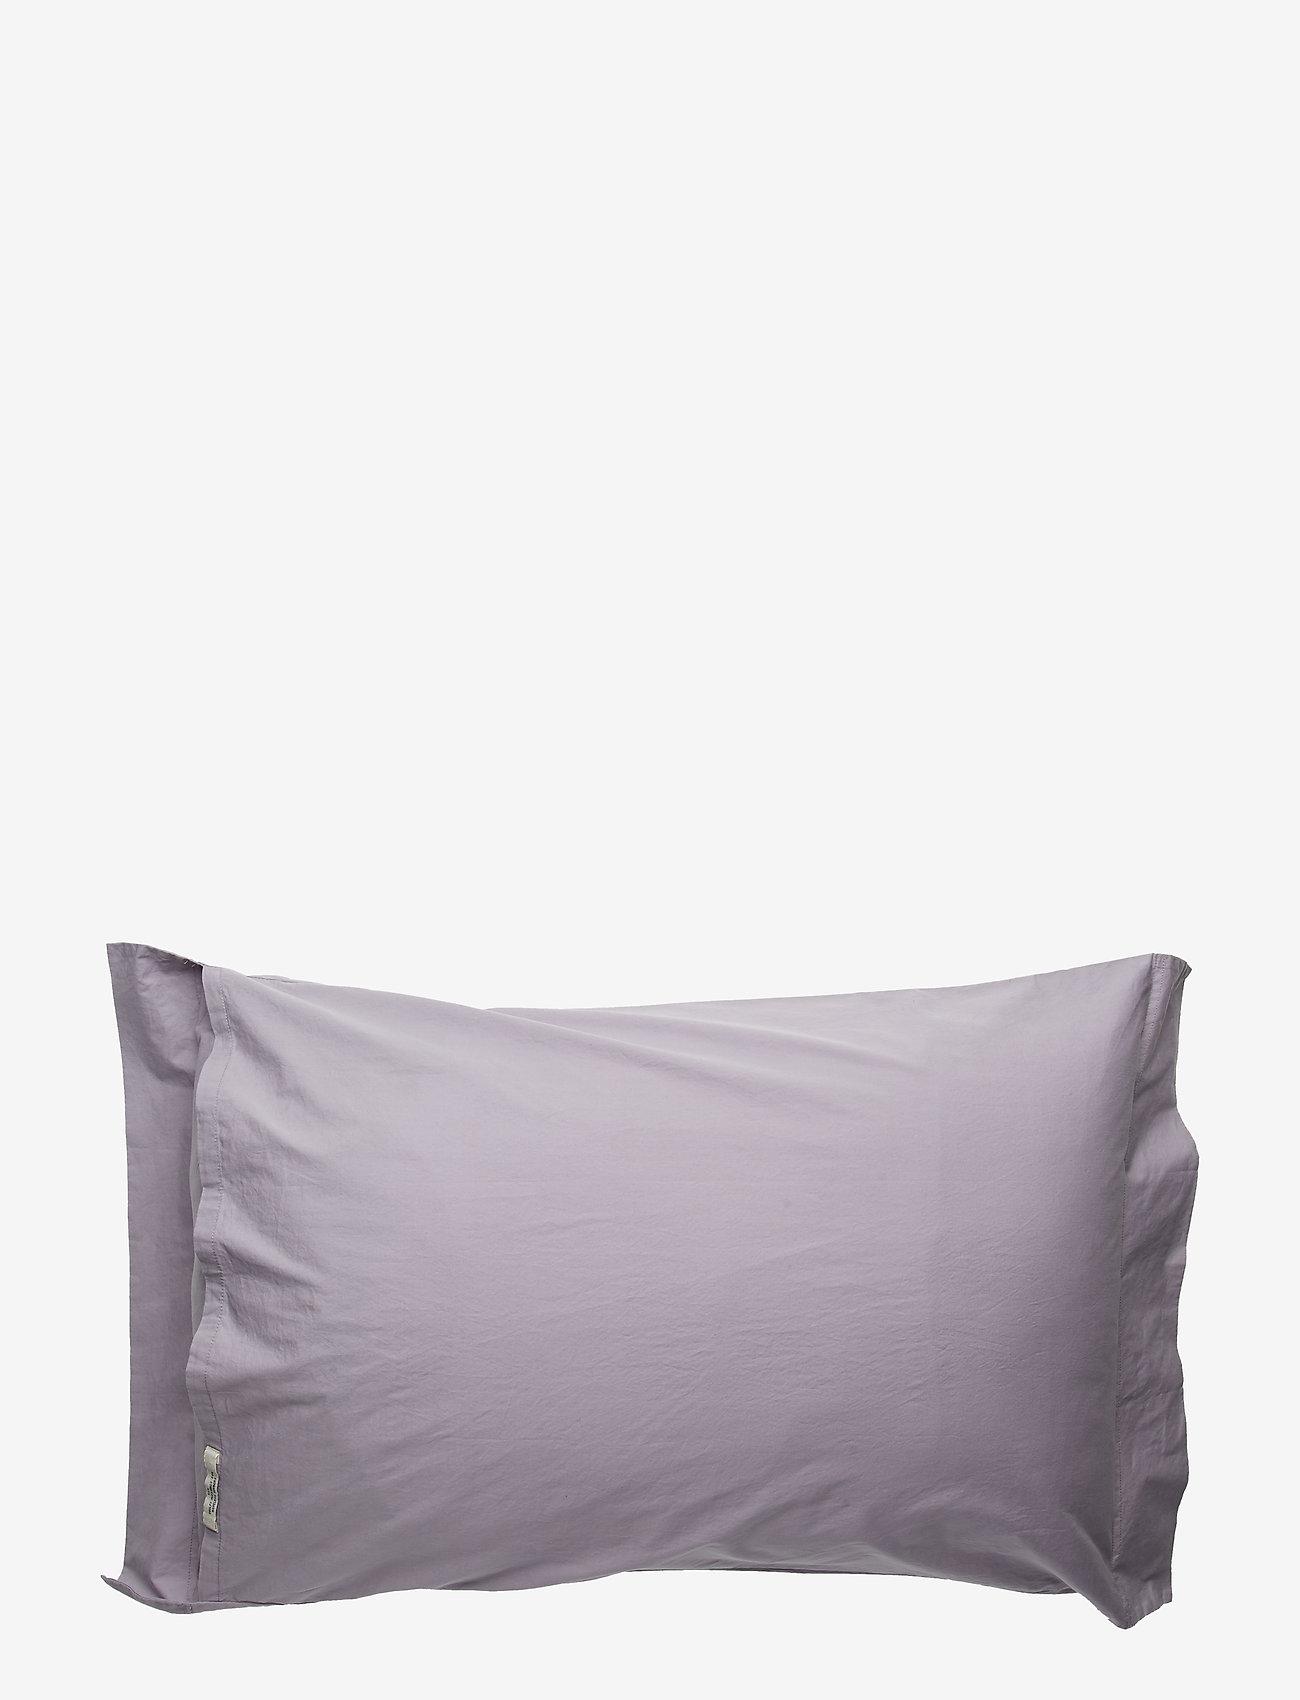 Triple X Head Pillowcase (Tinted) (26.25 €) - Dirty Linen 6B44R